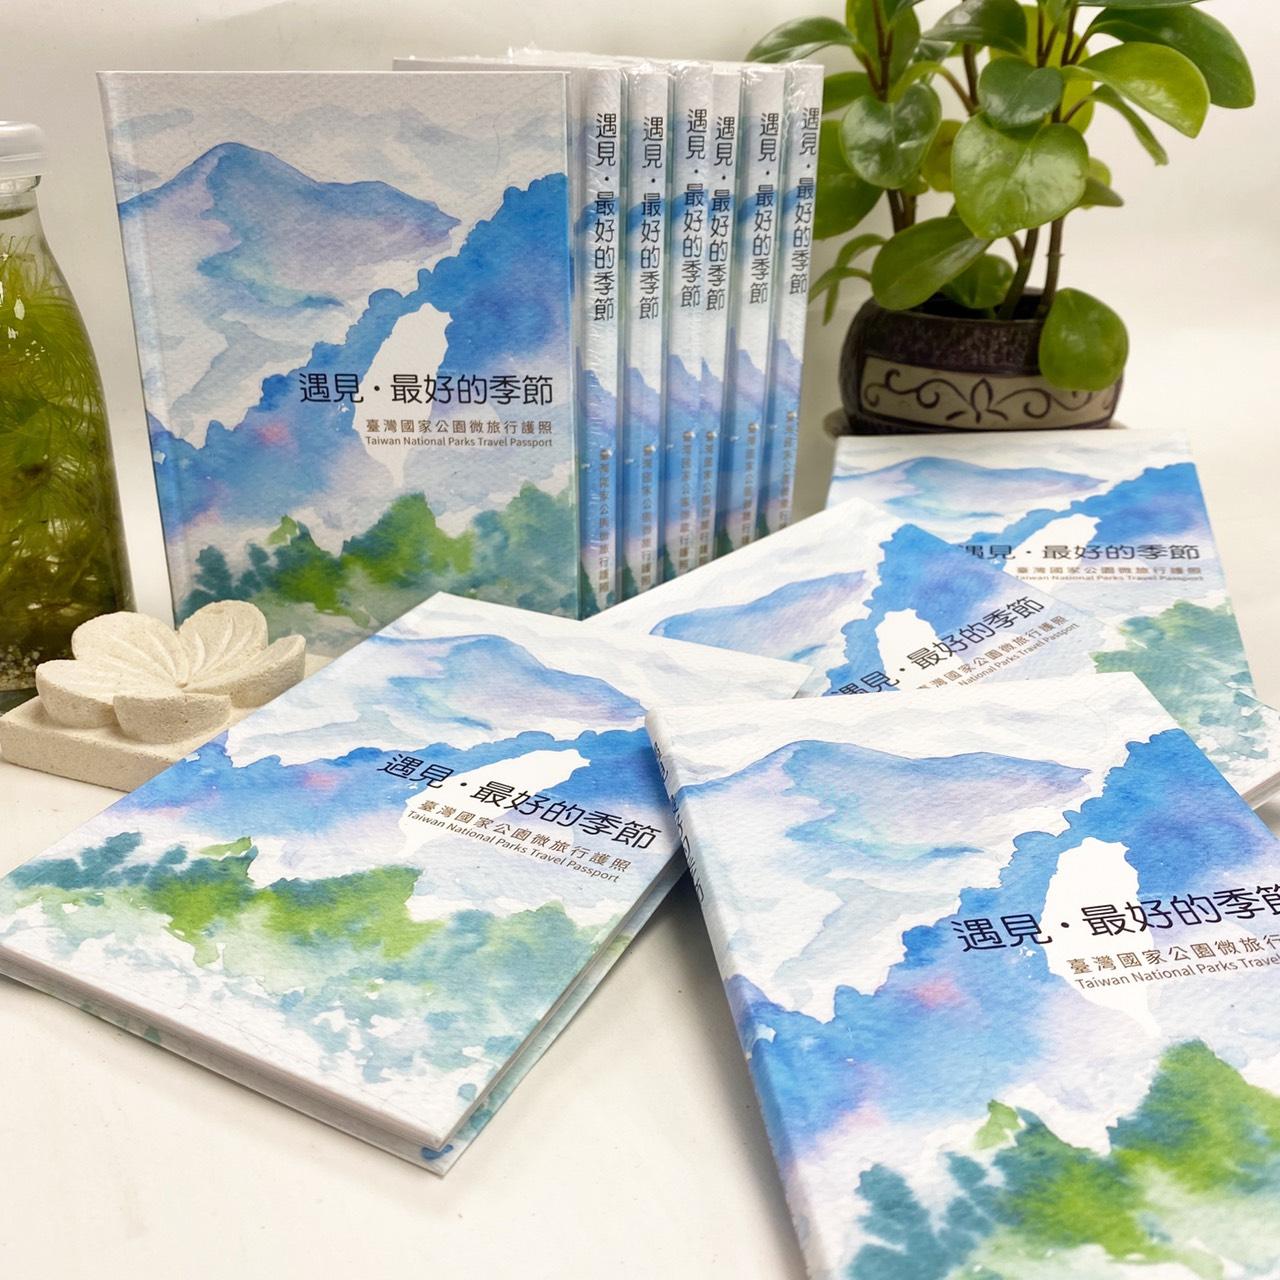 📣美美的台灣國家公園微旅行護照發行囉❗️❗️❗️